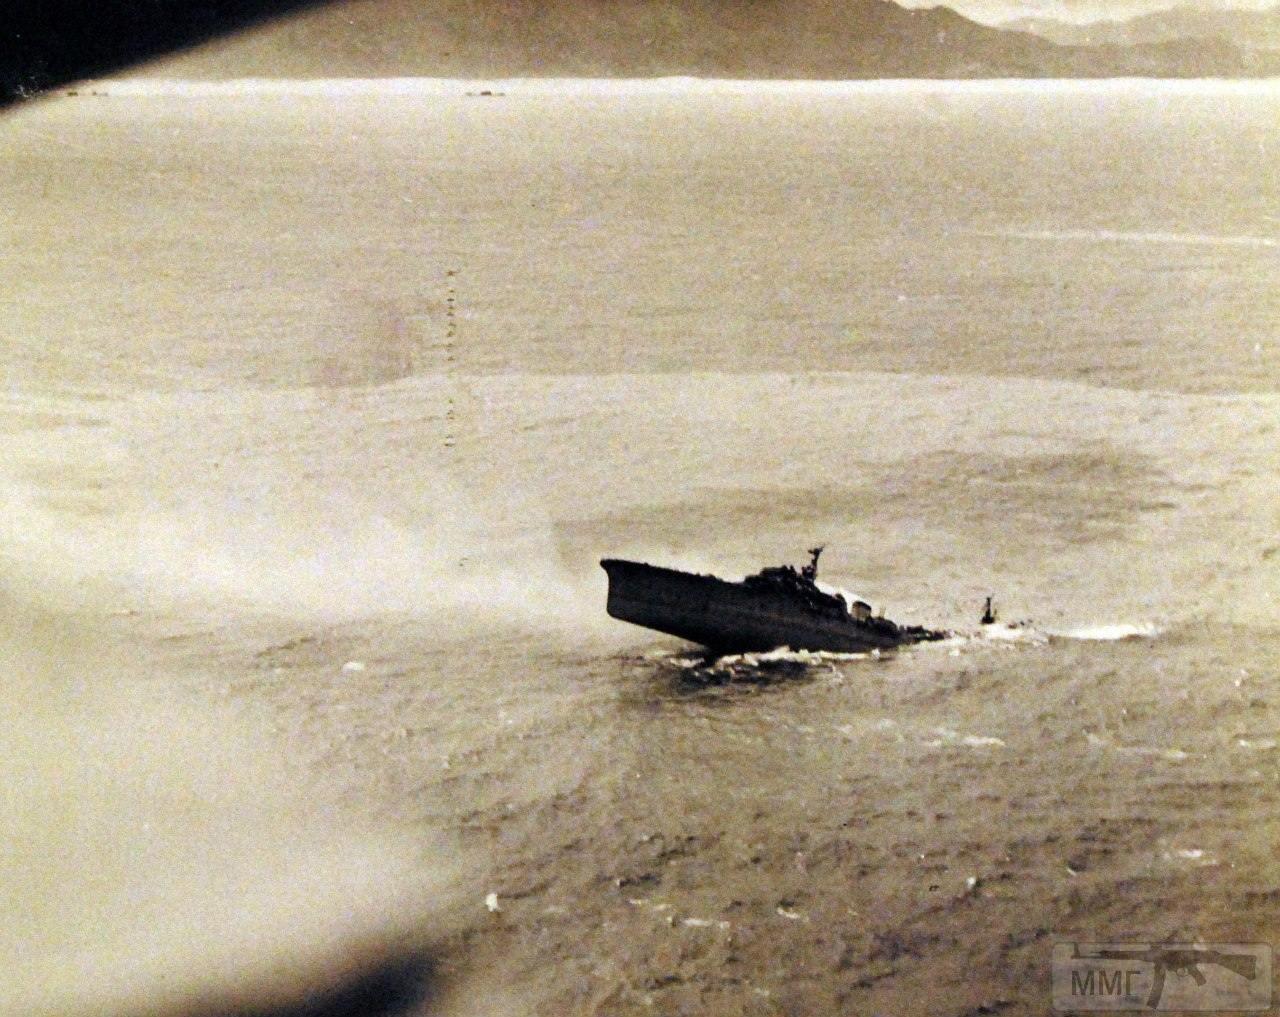 17107 - Военное фото 1941-1945 г.г. Тихий океан.